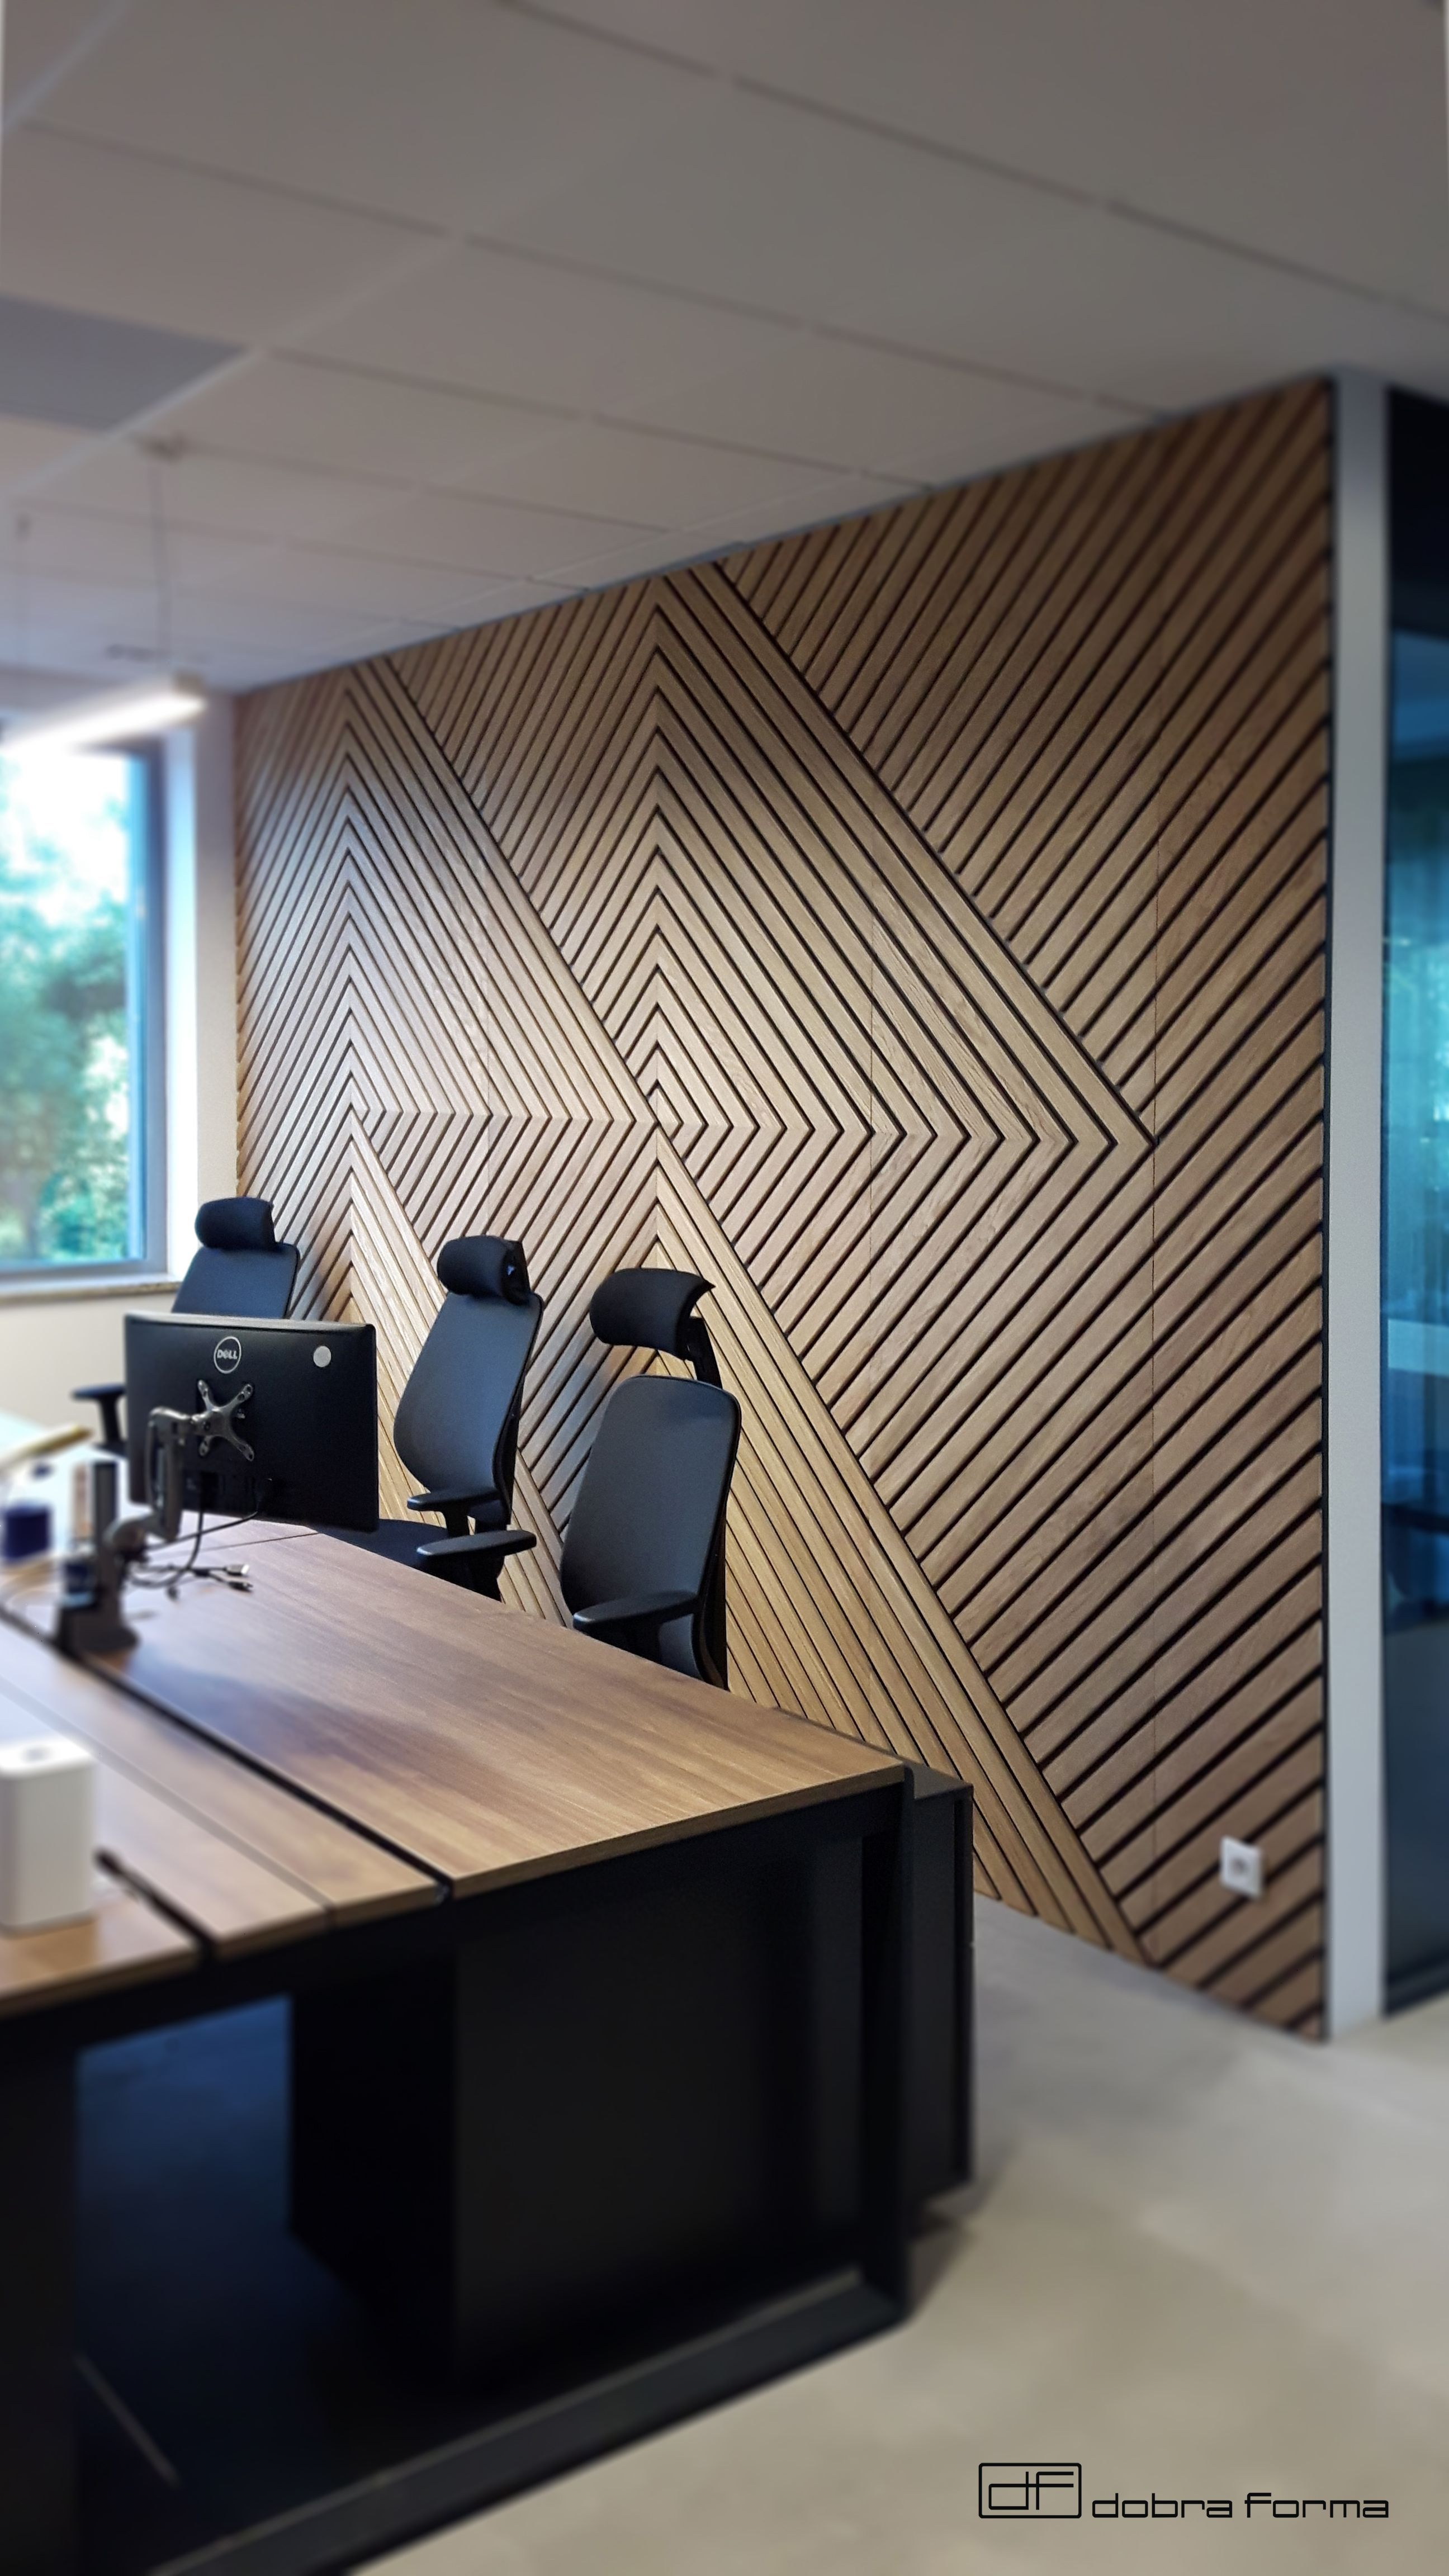 Wall Panels Comb Wall Panels Wall Coveting Wall Panels Design